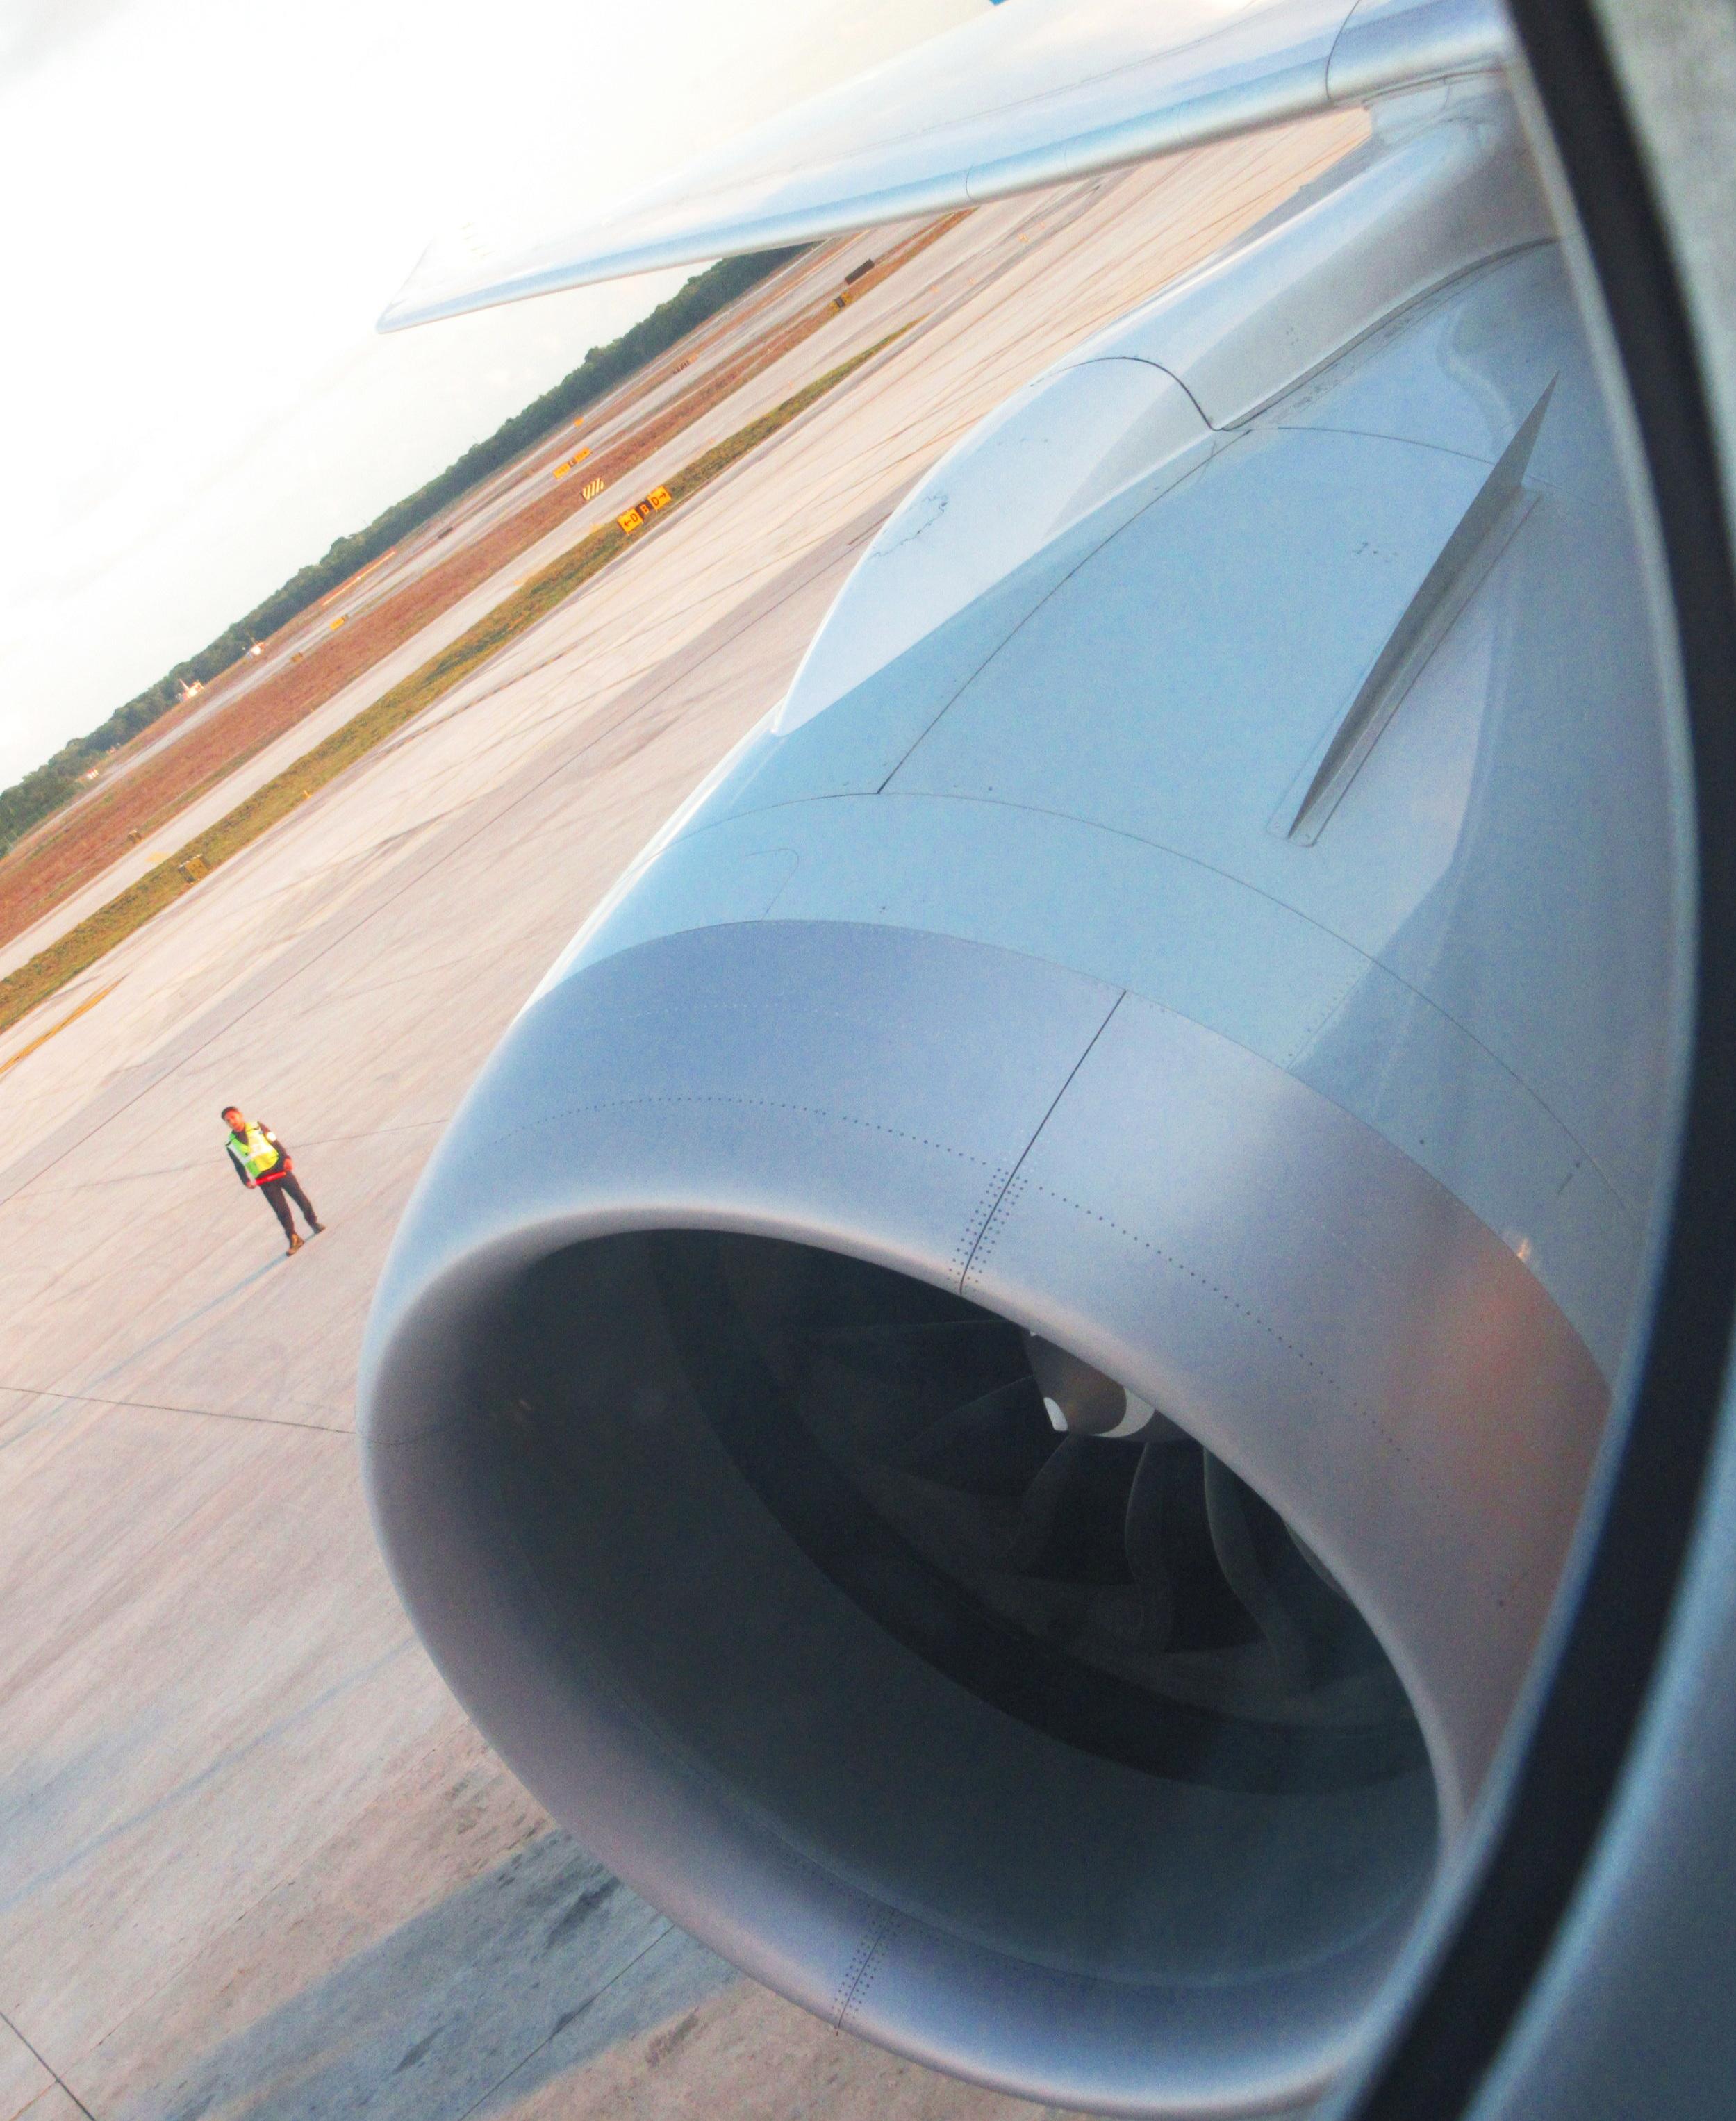 AA jet engine 19.JPG